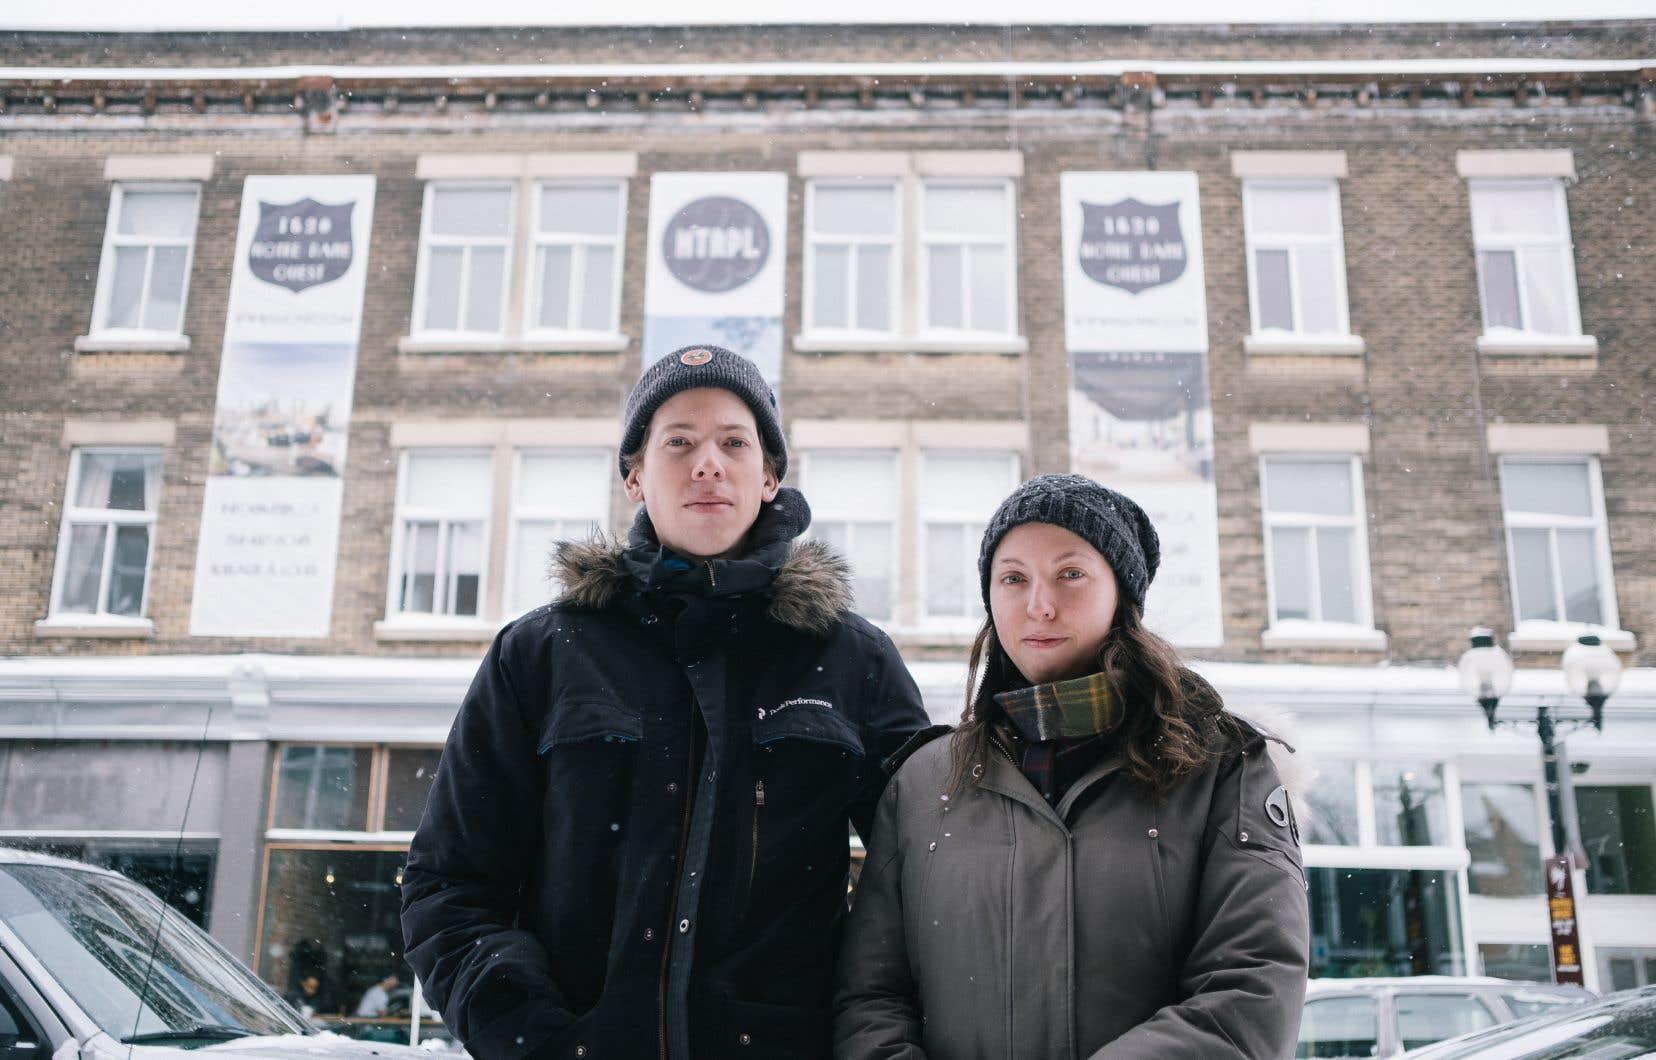 Charlotte Jacob-Maguire et Maximillian Button, dont les propriétaires essaient de les expulser pour transformer leur logement en hôtel-appartements.